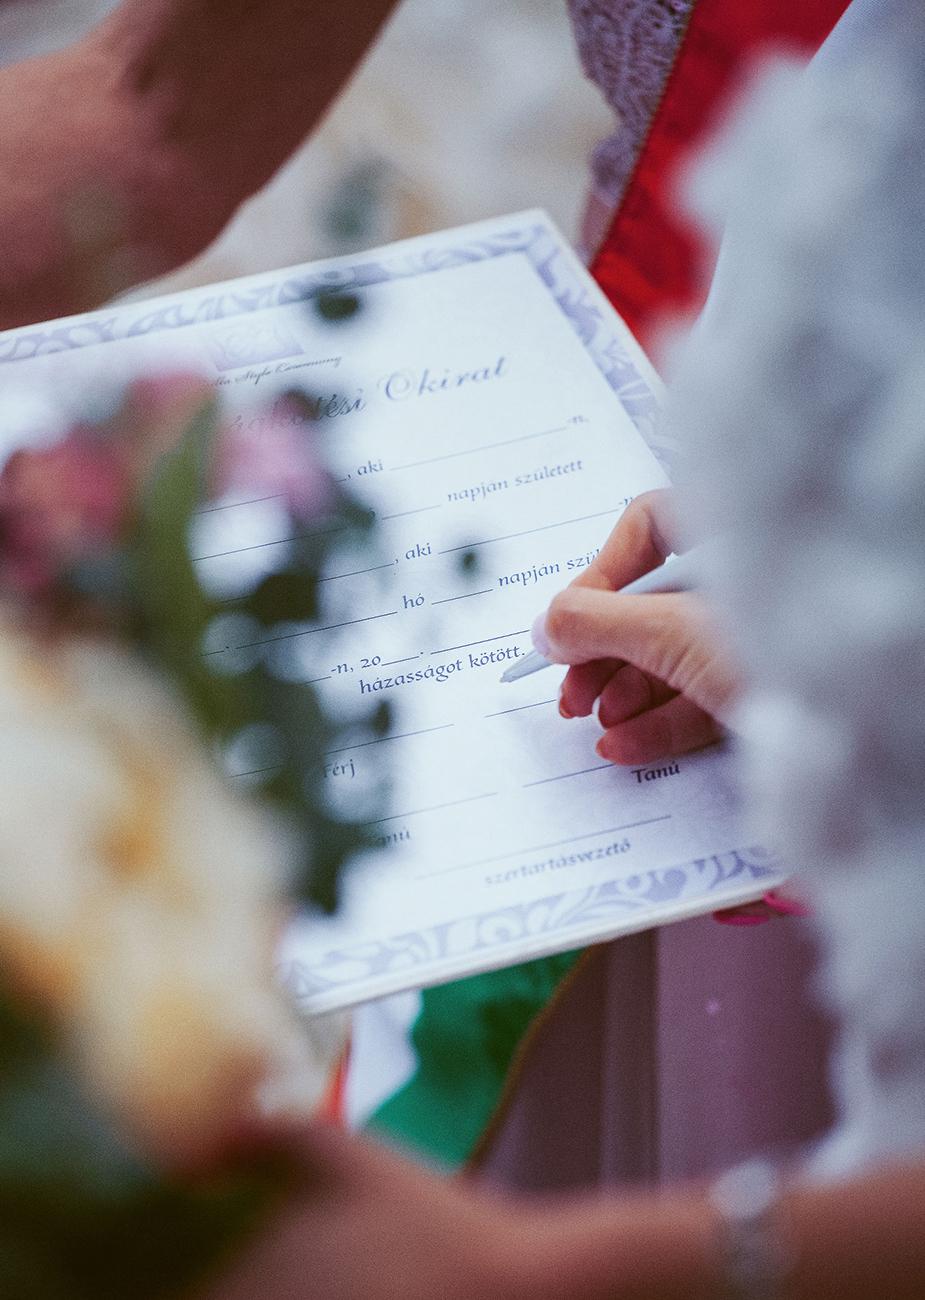 esküvői jog, Esküvő halasztása járványhelyzetben – dr. Németh Angéla ügyvéd válaszol a leggyakrabban felmerülő jogi kérdésekre